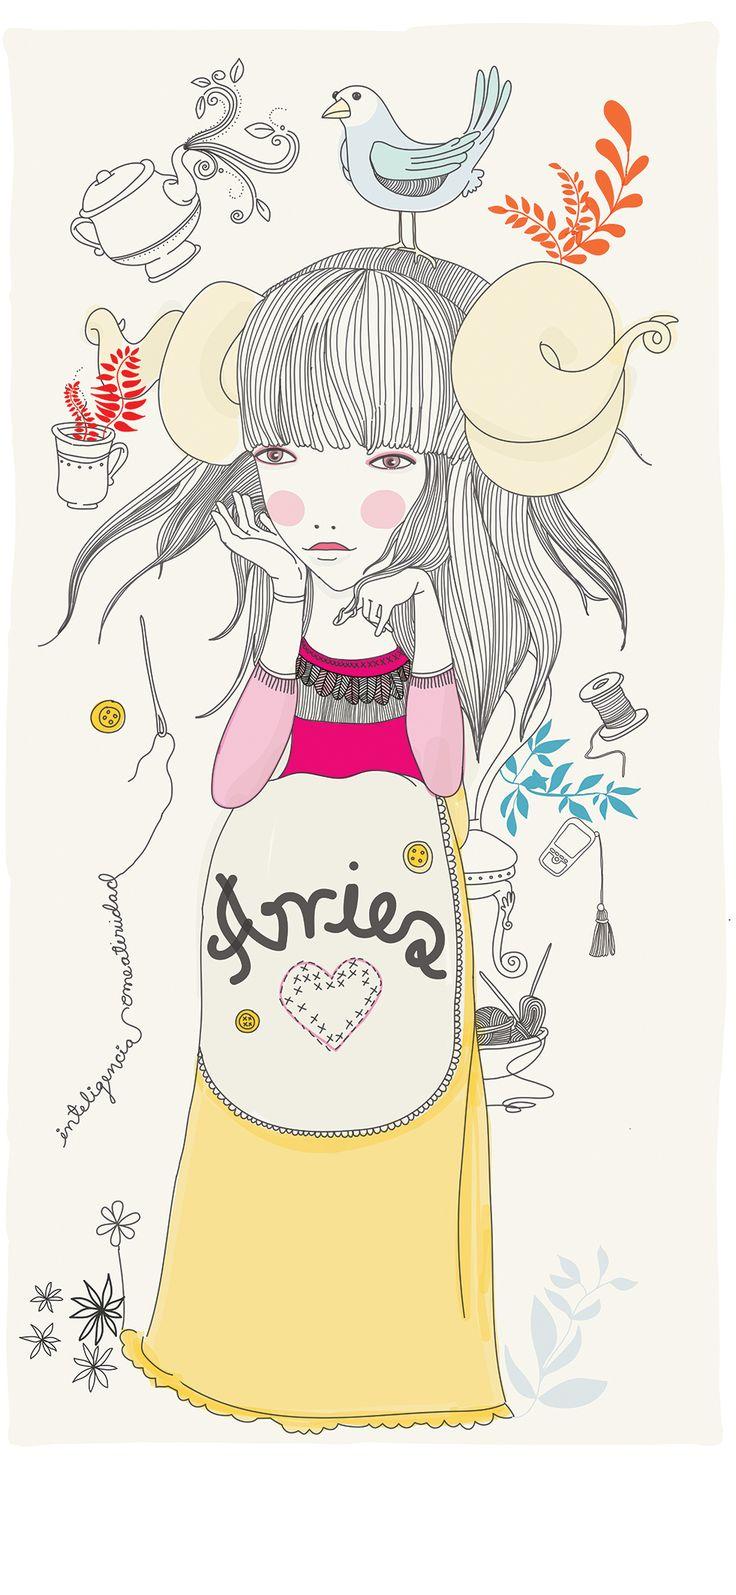 Aries por Jenny Silva para 15a20, Mexico 2013